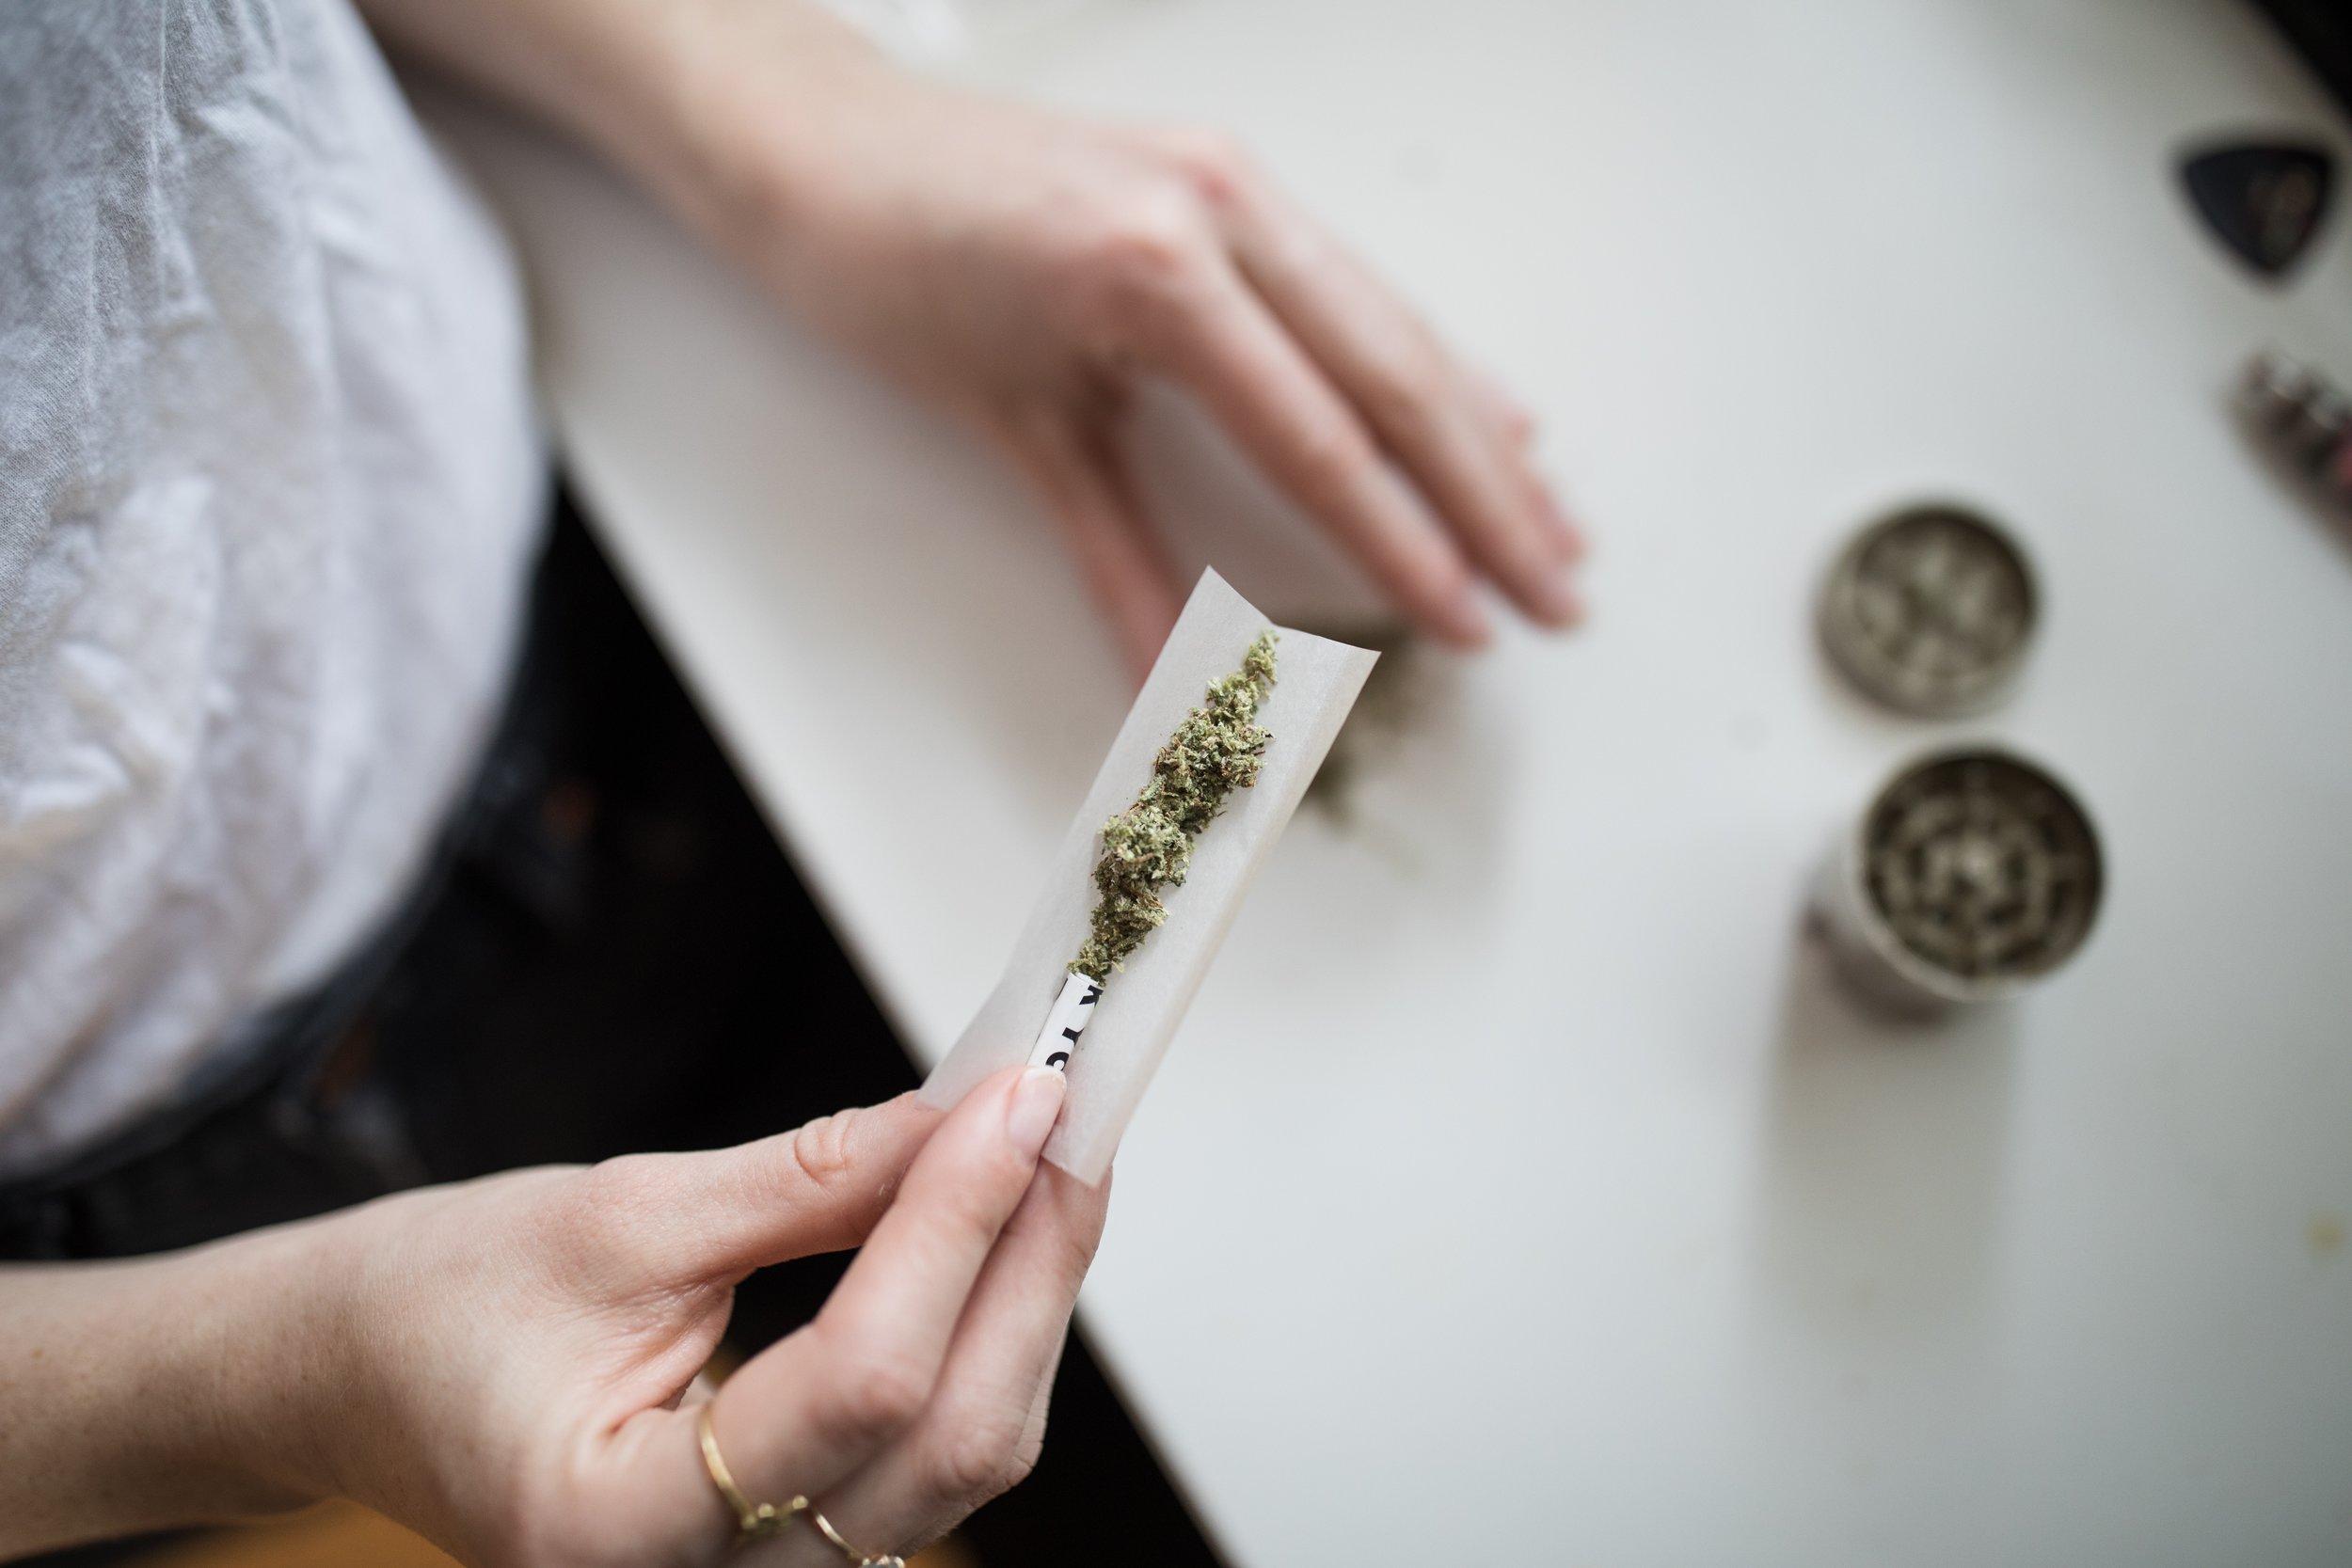 rolling-cannabis.jpg